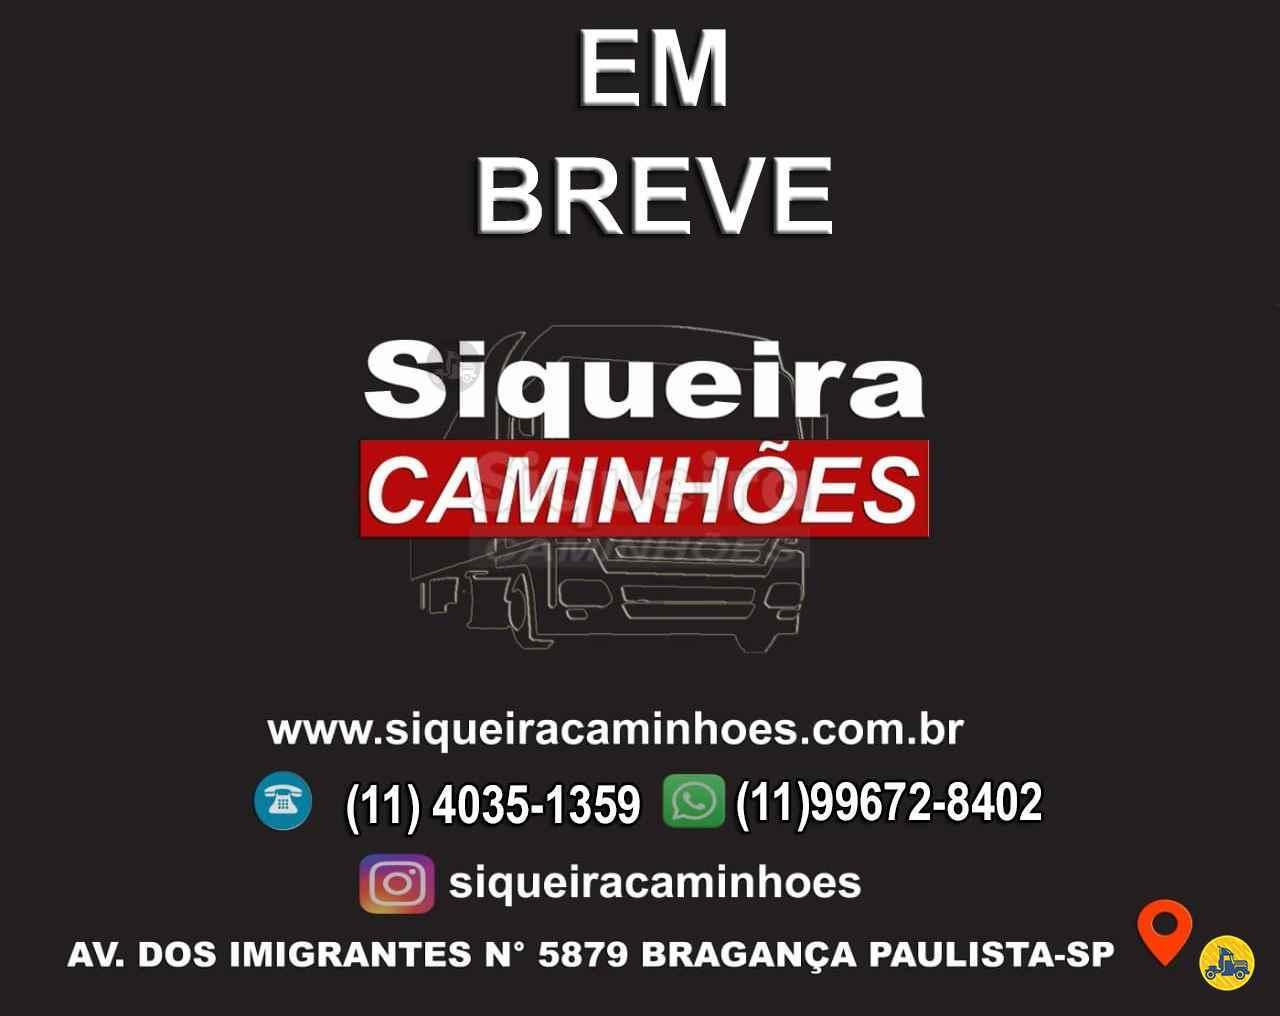 CAMINHAO FORD CARGO 2422 Chassis Truck 6x2 Siqueira Caminhões BRAGANCA PAULISTA SÃO PAULO SP